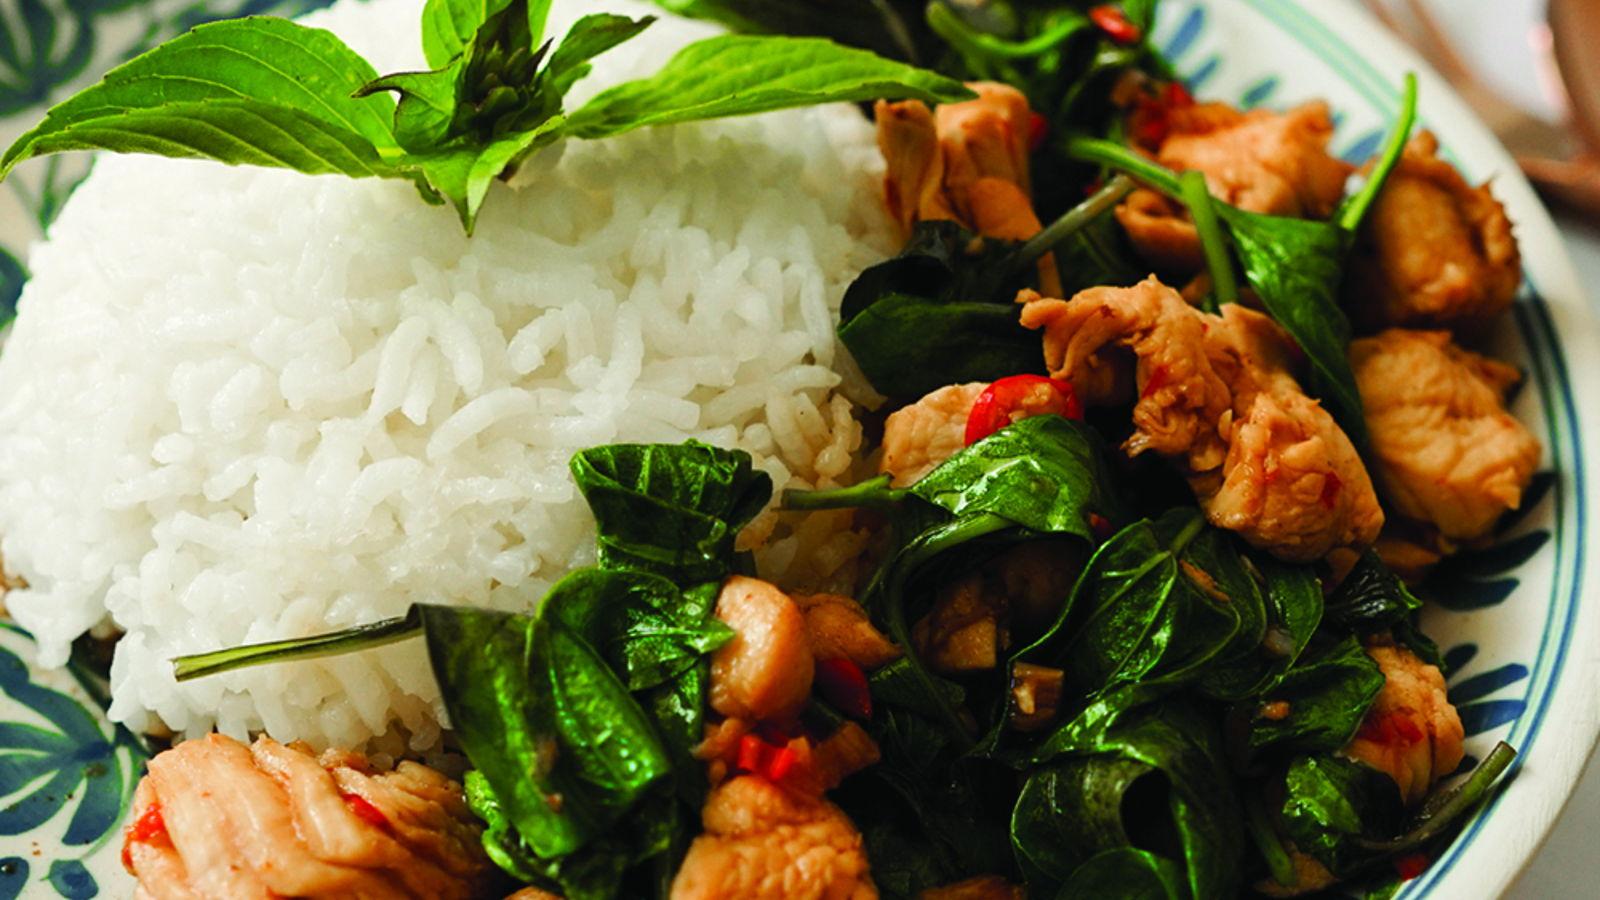 Stir-fry chicken with sweet basil – Gai Pad Horapa